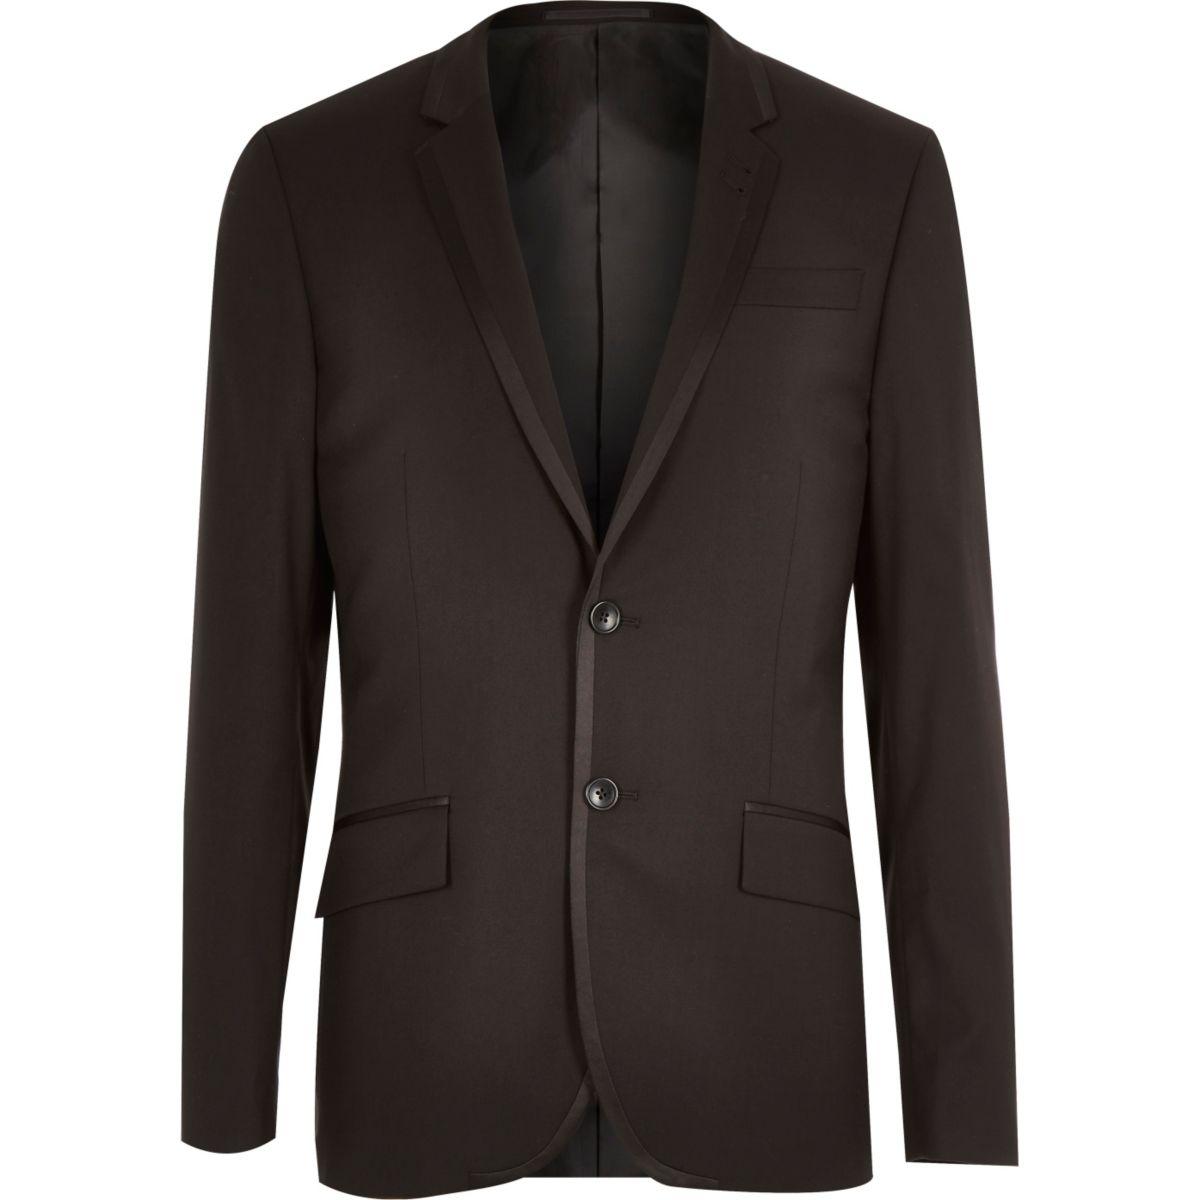 Black contrast trim tux jacket